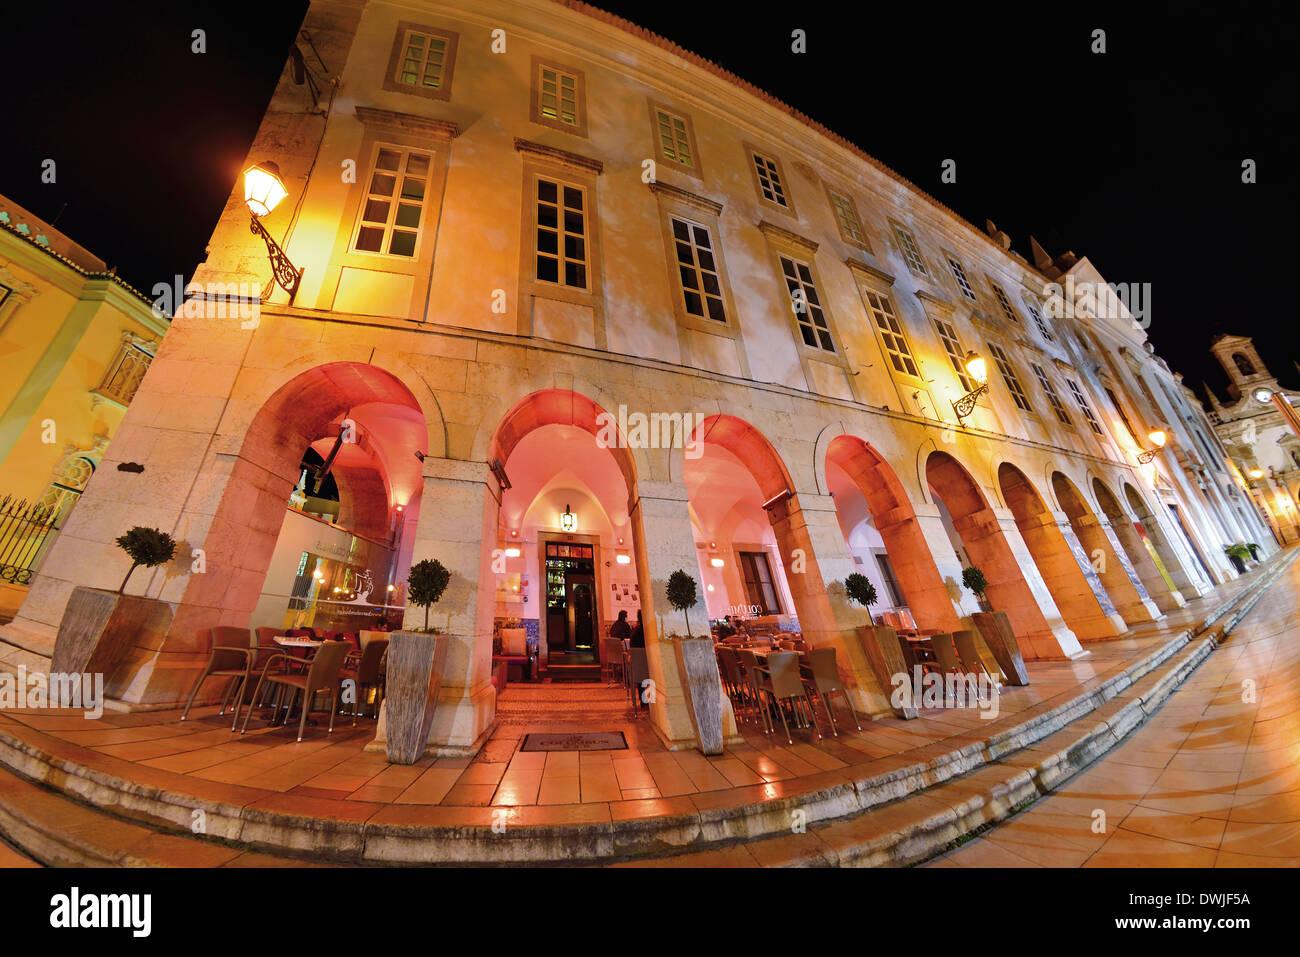 Portugal, Algarve: Historic building of the Columbus Bar in Faro - Stock Image